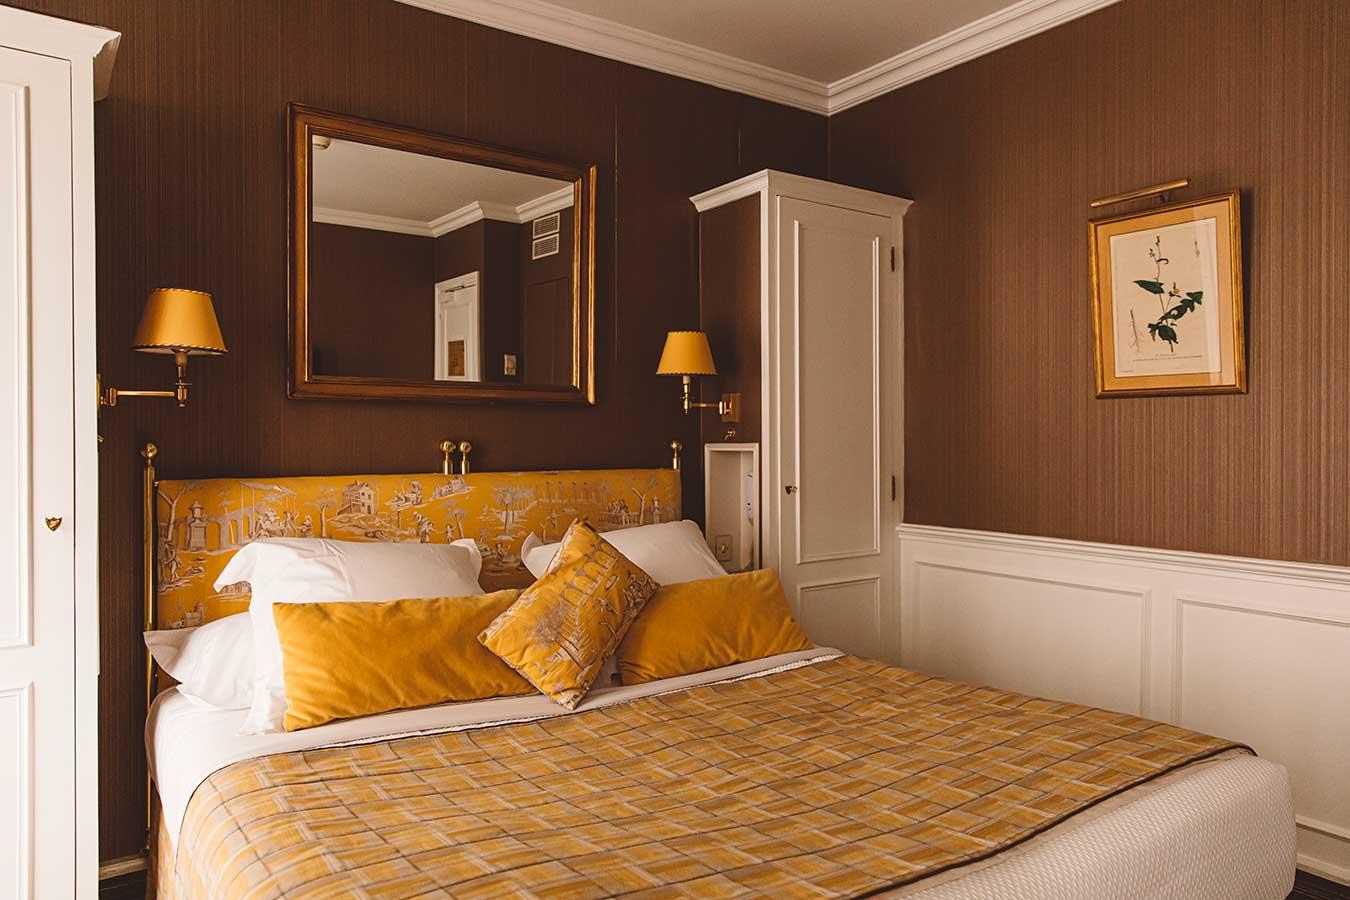 Parisienne - Chambre avec placard de chaque côté du lit, tissu jaune à motifs et papier peint marron